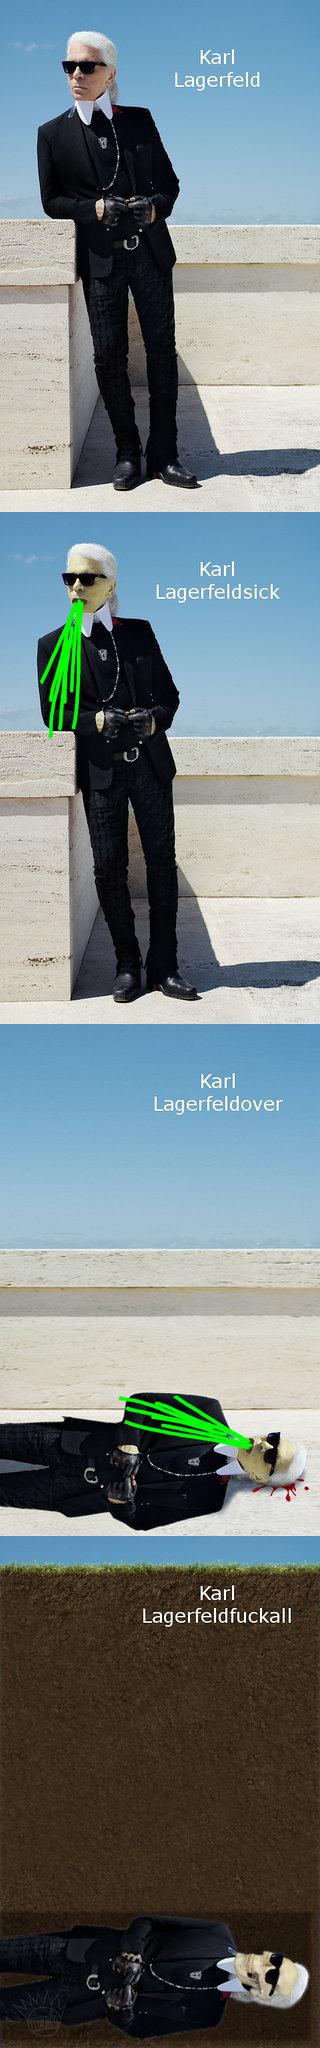 Karl Lagerfeldfuckall b3ta